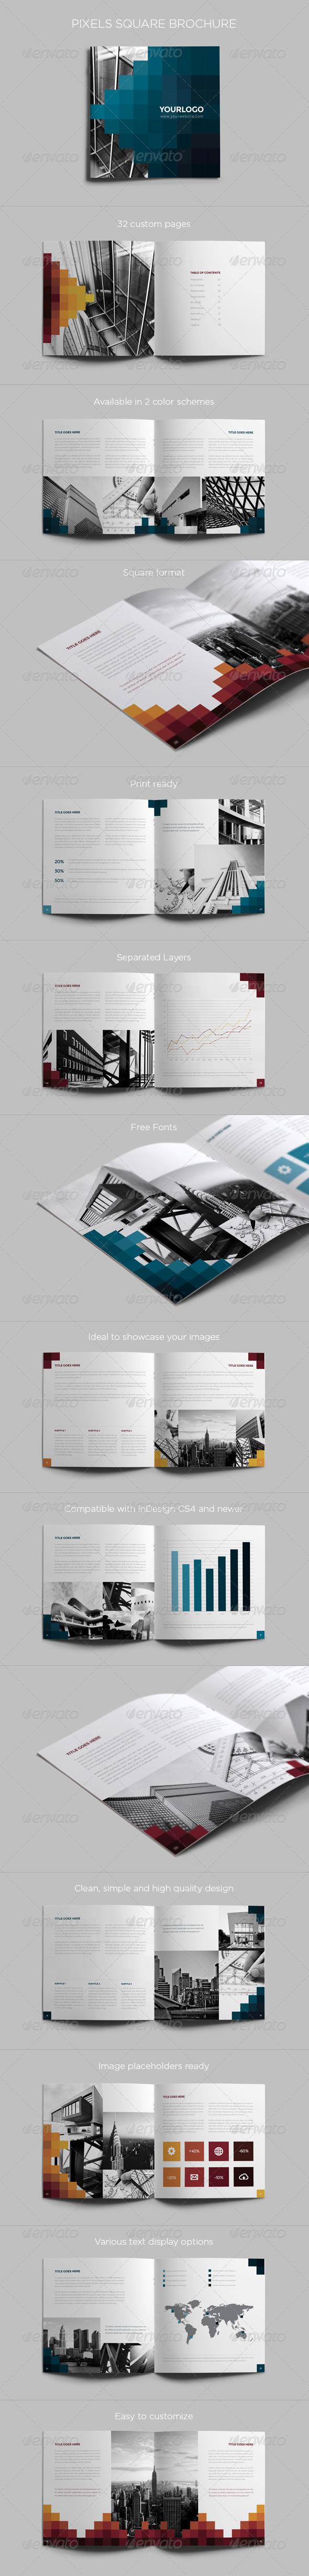 Pixels Square Brochure - Brochures Print Templates